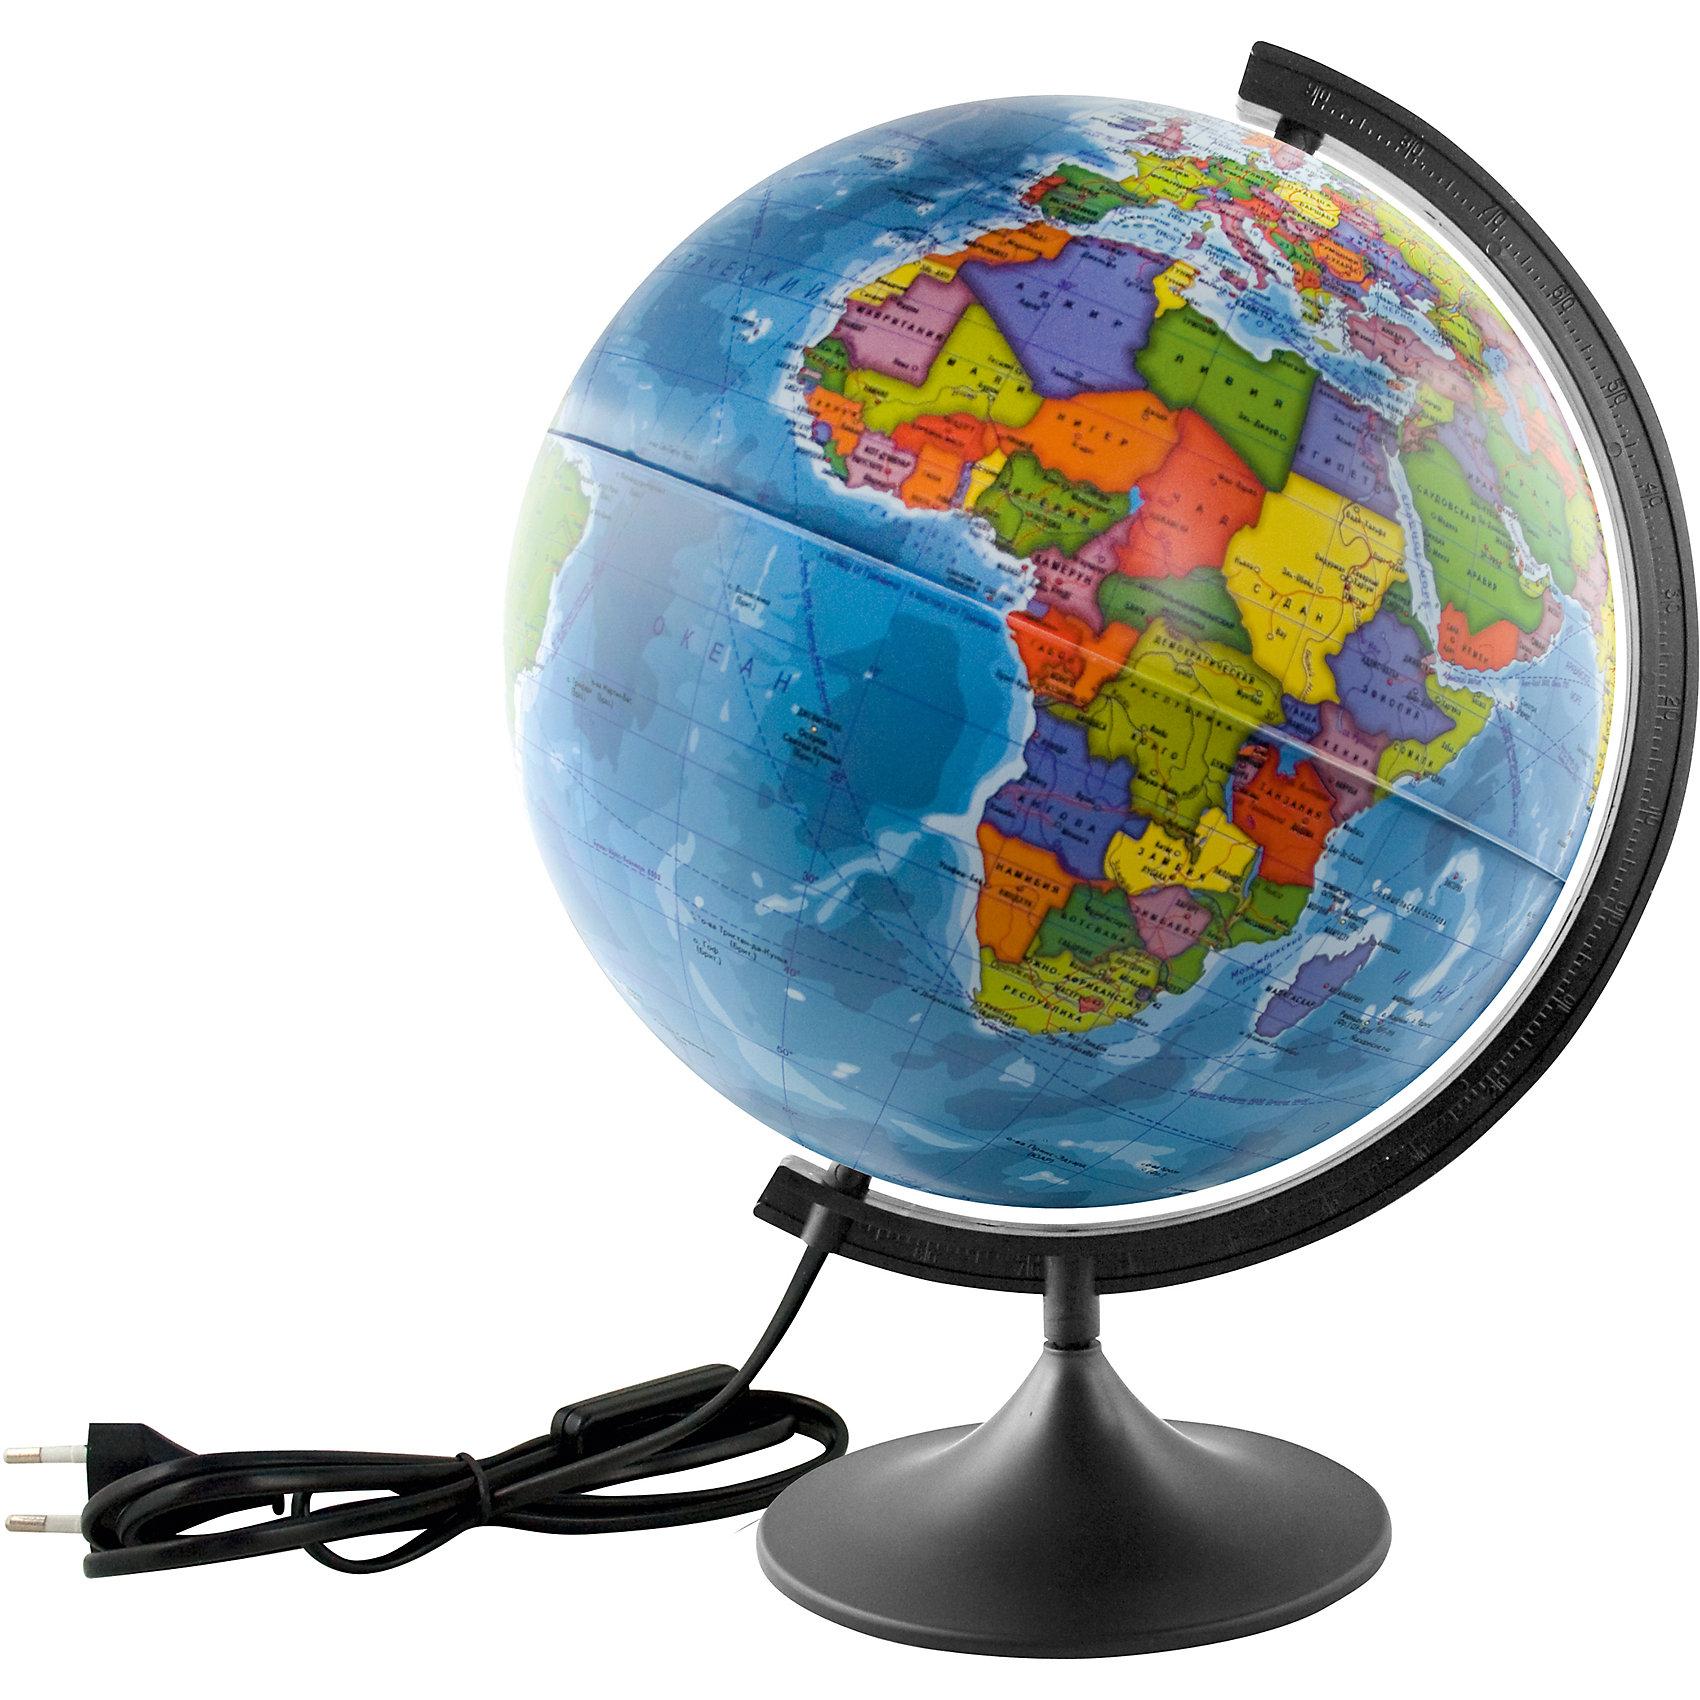 Глобус Земли политический с подсветкой, диаметр 400 ммПоследняя цена<br>Глобус Земли политический с подсветкой, д-р 400.<br><br>Характеристики:<br><br>• Для детей в возрасте: от 6 лет<br>• Диаметр: 40 см.<br>• Материал: пластик<br>• Цвет подставки и дуги: черный<br>• Подсветка работает от сети<br><br>Глобус Земли с современной политической картой мира (Крым в составе РФ) станет замечательным наглядным пособием для вашего ребенка. Политическая карта выполнена в ярких цветах. На карту нанесены страны, границы, столицы и крупные города, континенты, моря, океаны, реки и большие озера, а также другая полезная информация. Надписи выполнены на русском языке, четкие и легкочитаемые. Сфера глобуса изготовлена из прочного высококачественного пластика, поэтому она не расколется от случайного падения. Устойчивая подставка и дуга с градусными отметками выполнены из прочного высококачественного пластика черного цвета. Для усиления цветового эффекта можно включить подсветку. Подсветка работает от стационарной сети в 220 Вольт. Провод изолирован, есть переключатель.<br><br>Глобус Земли политический с подсветкой, д-р 400 можно купить в нашем интернет-магазине.<br><br>Ширина мм: 420<br>Глубина мм: 400<br>Высота мм: 400<br>Вес г: 700<br>Возраст от месяцев: 72<br>Возраст до месяцев: 2147483647<br>Пол: Унисекс<br>Возраст: Детский<br>SKU: 5504478